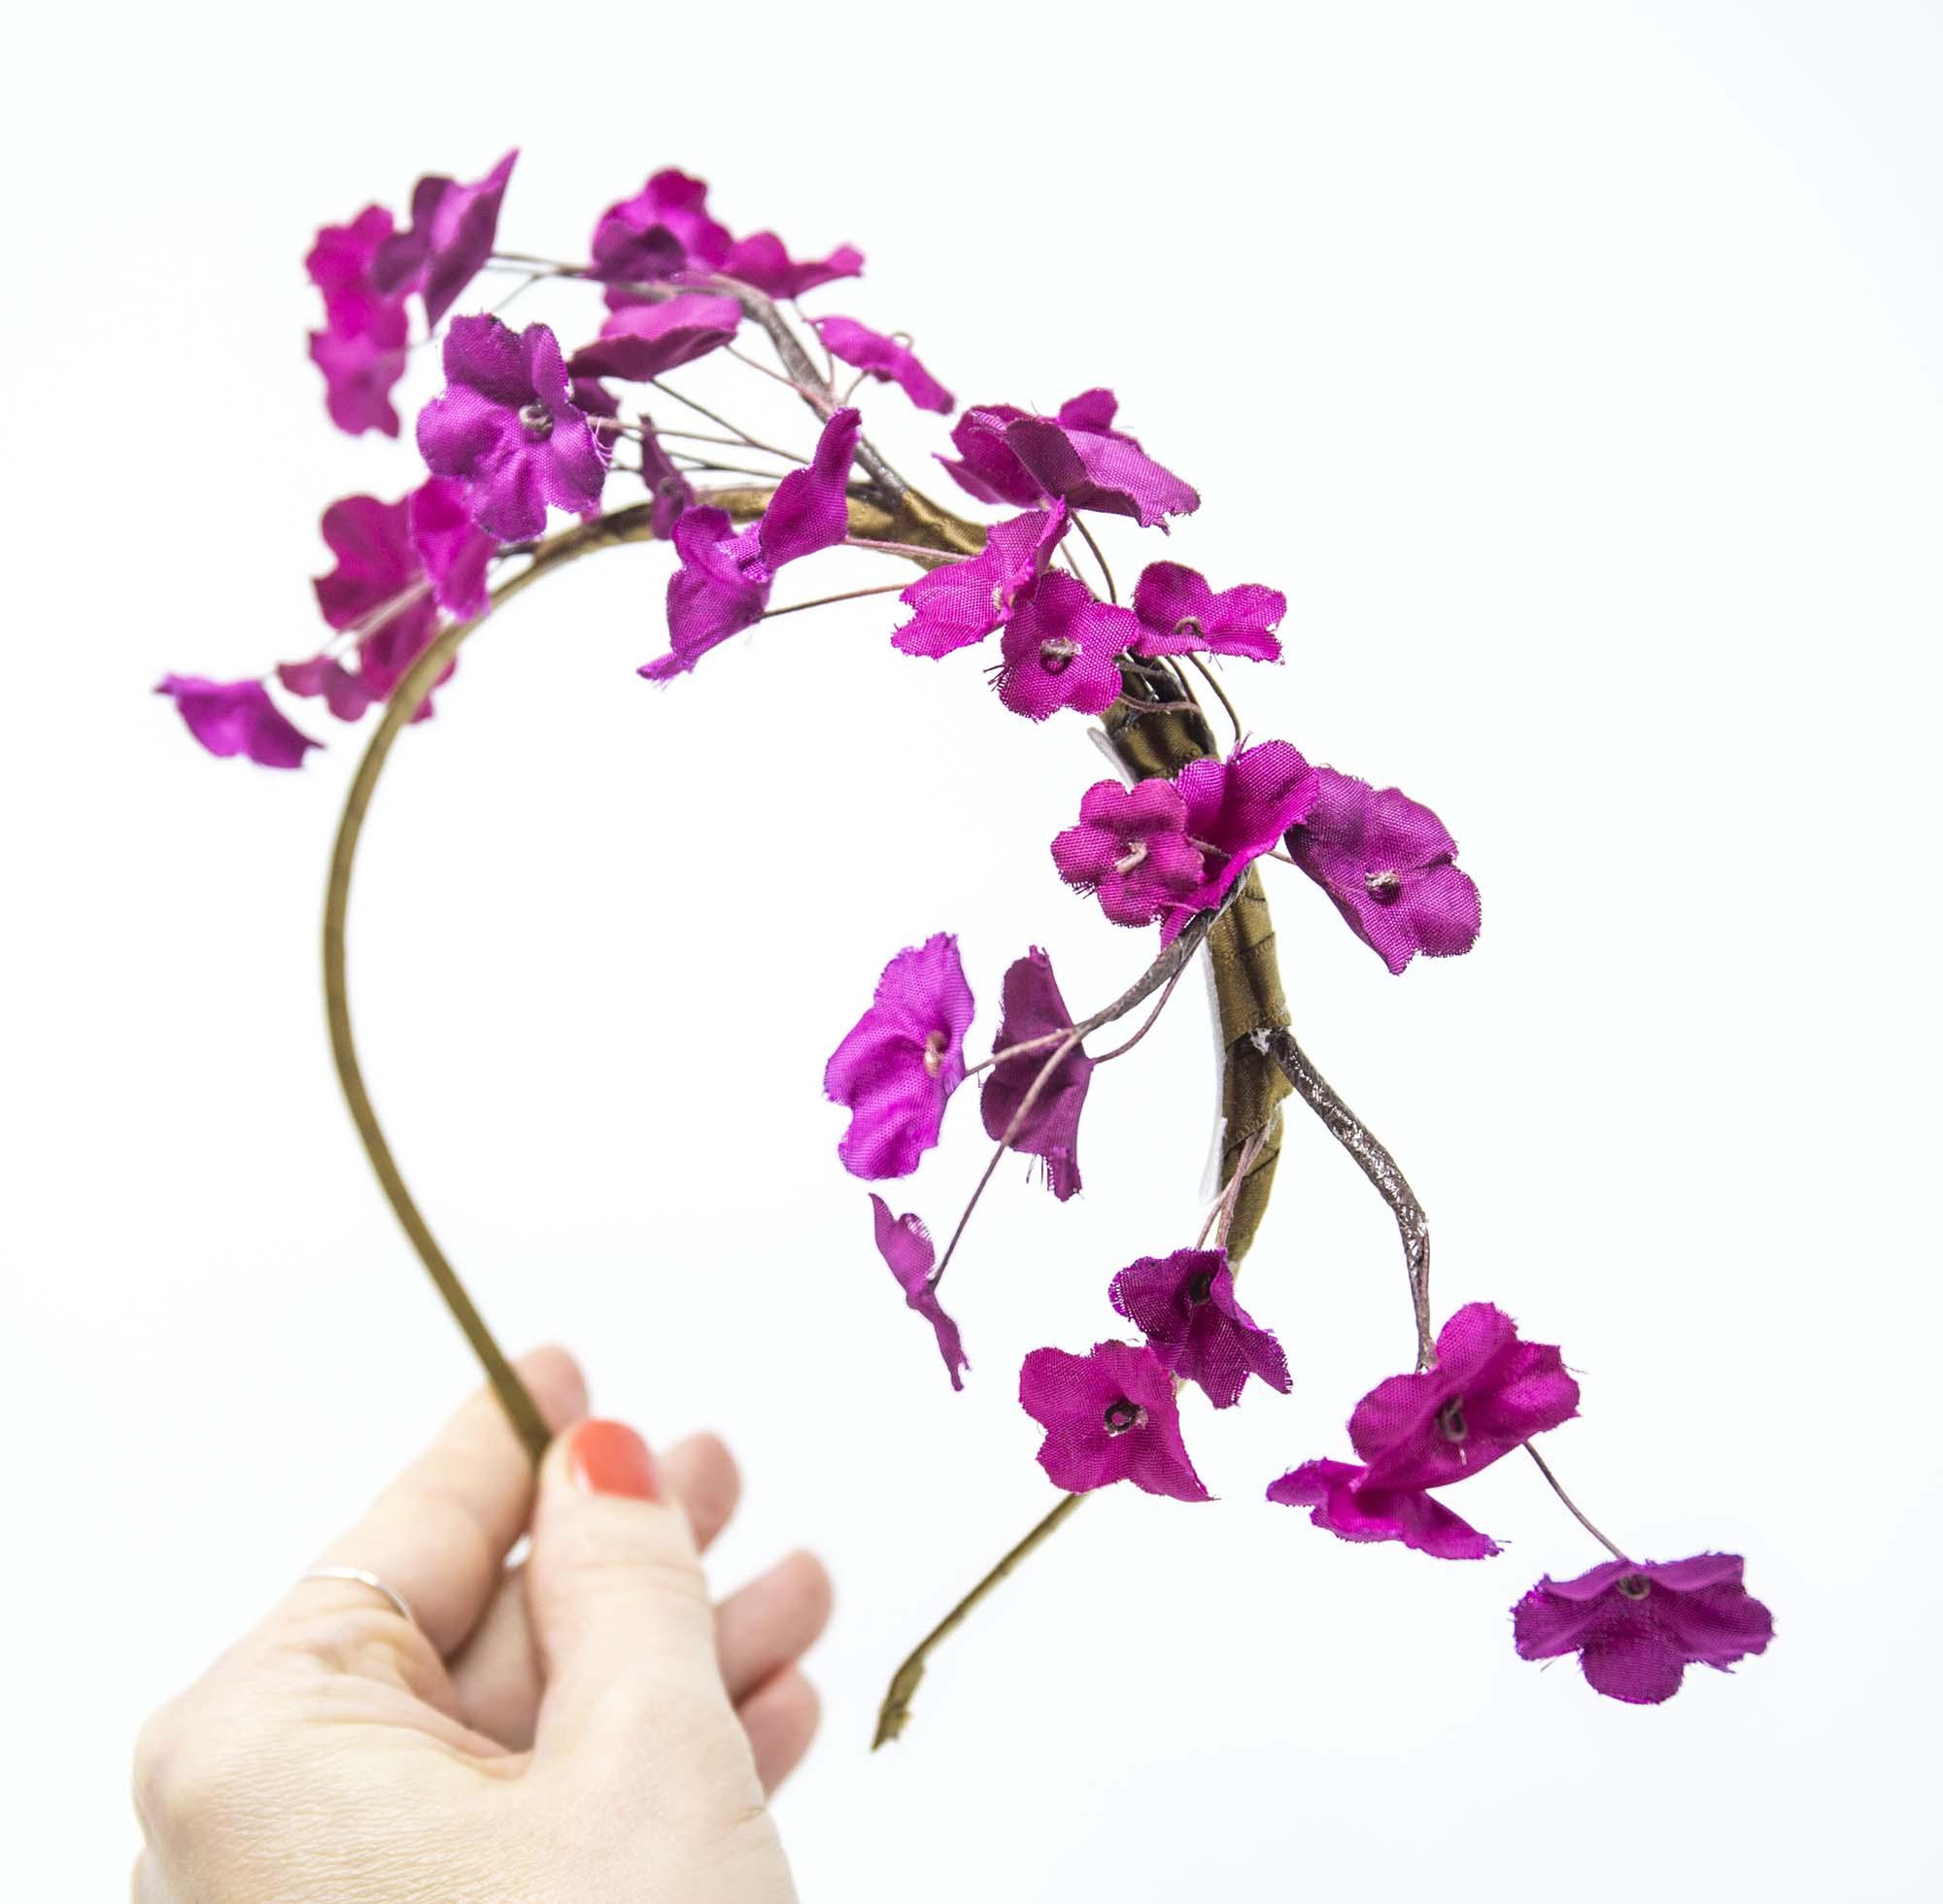 acconciatura damigella con fiori in seta